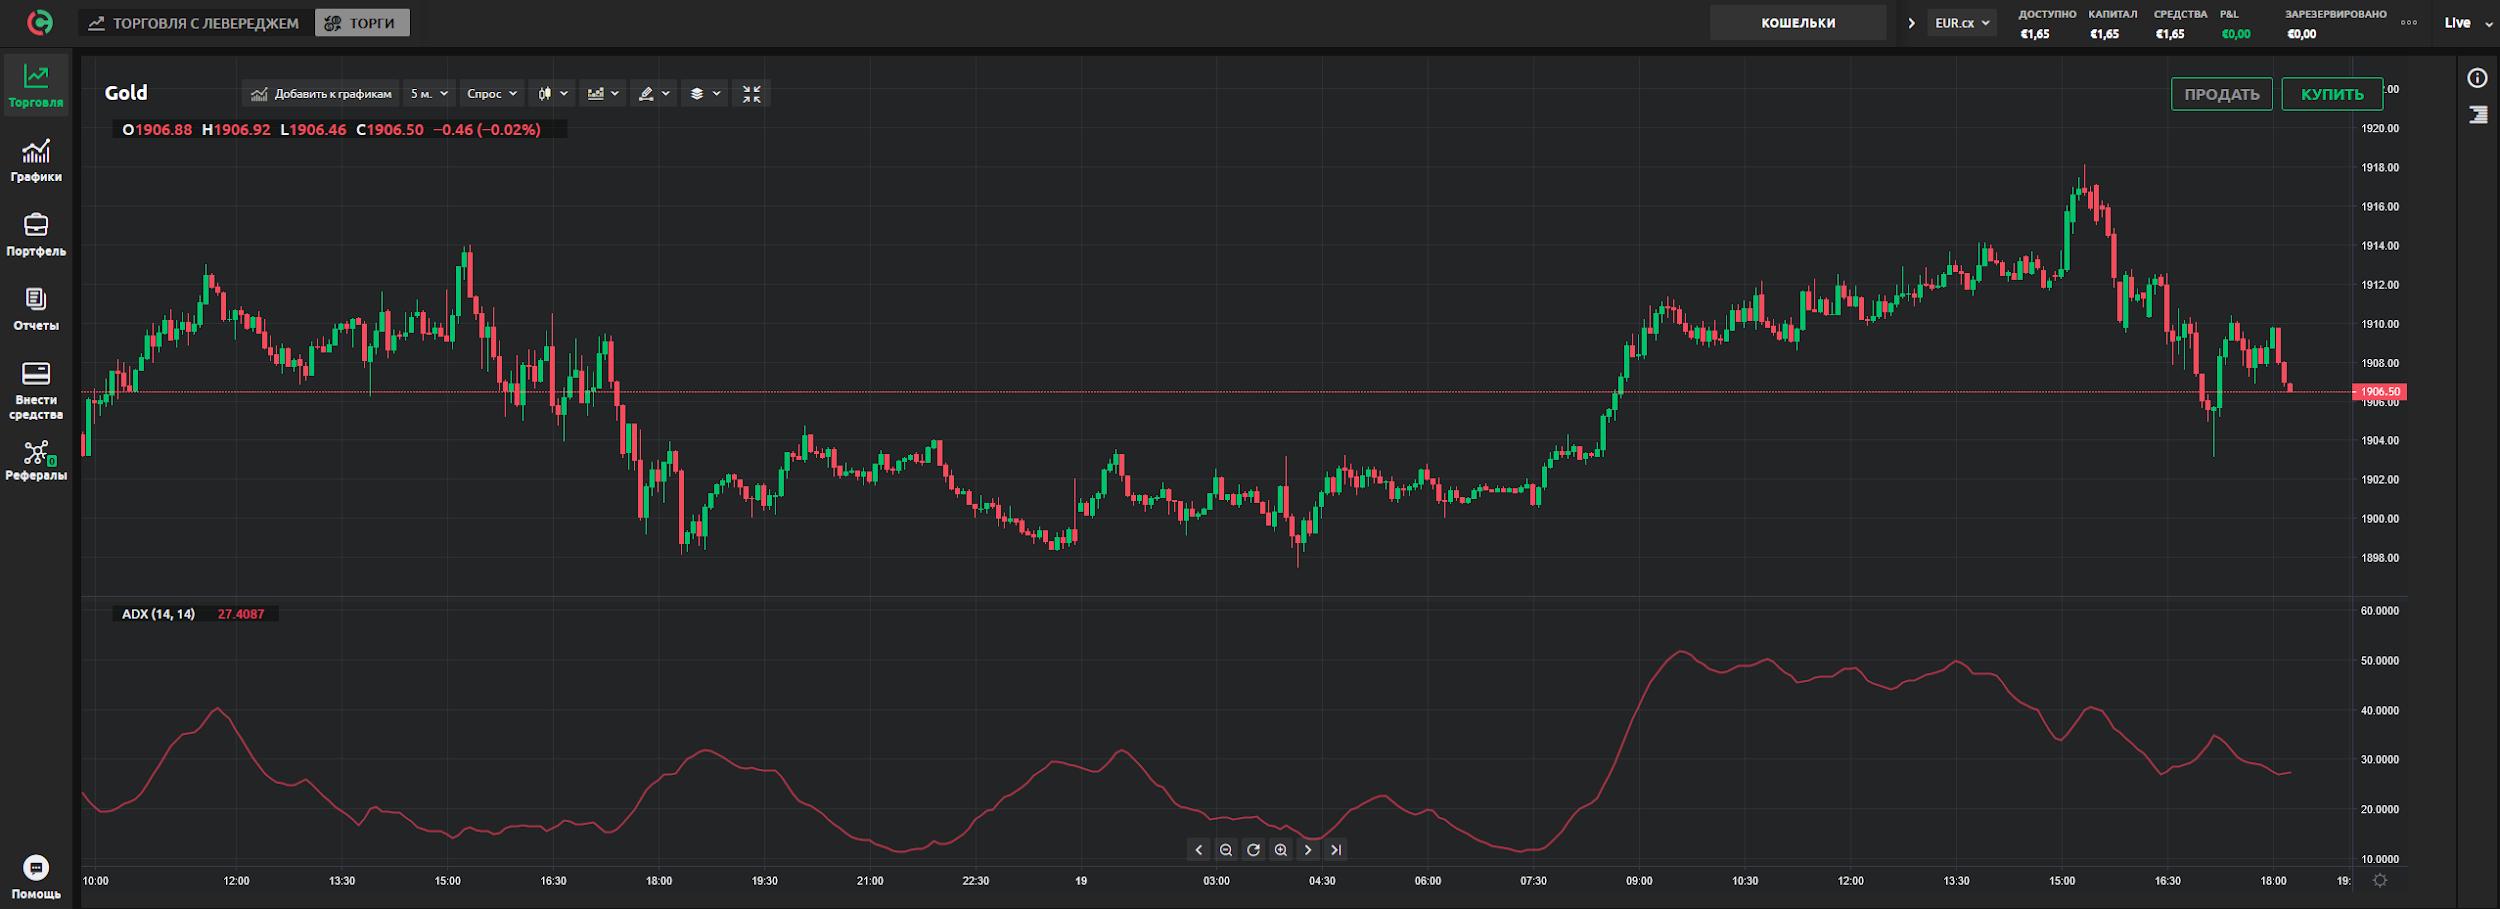 Динамика движения цены токенизированного актива золота на currency.com